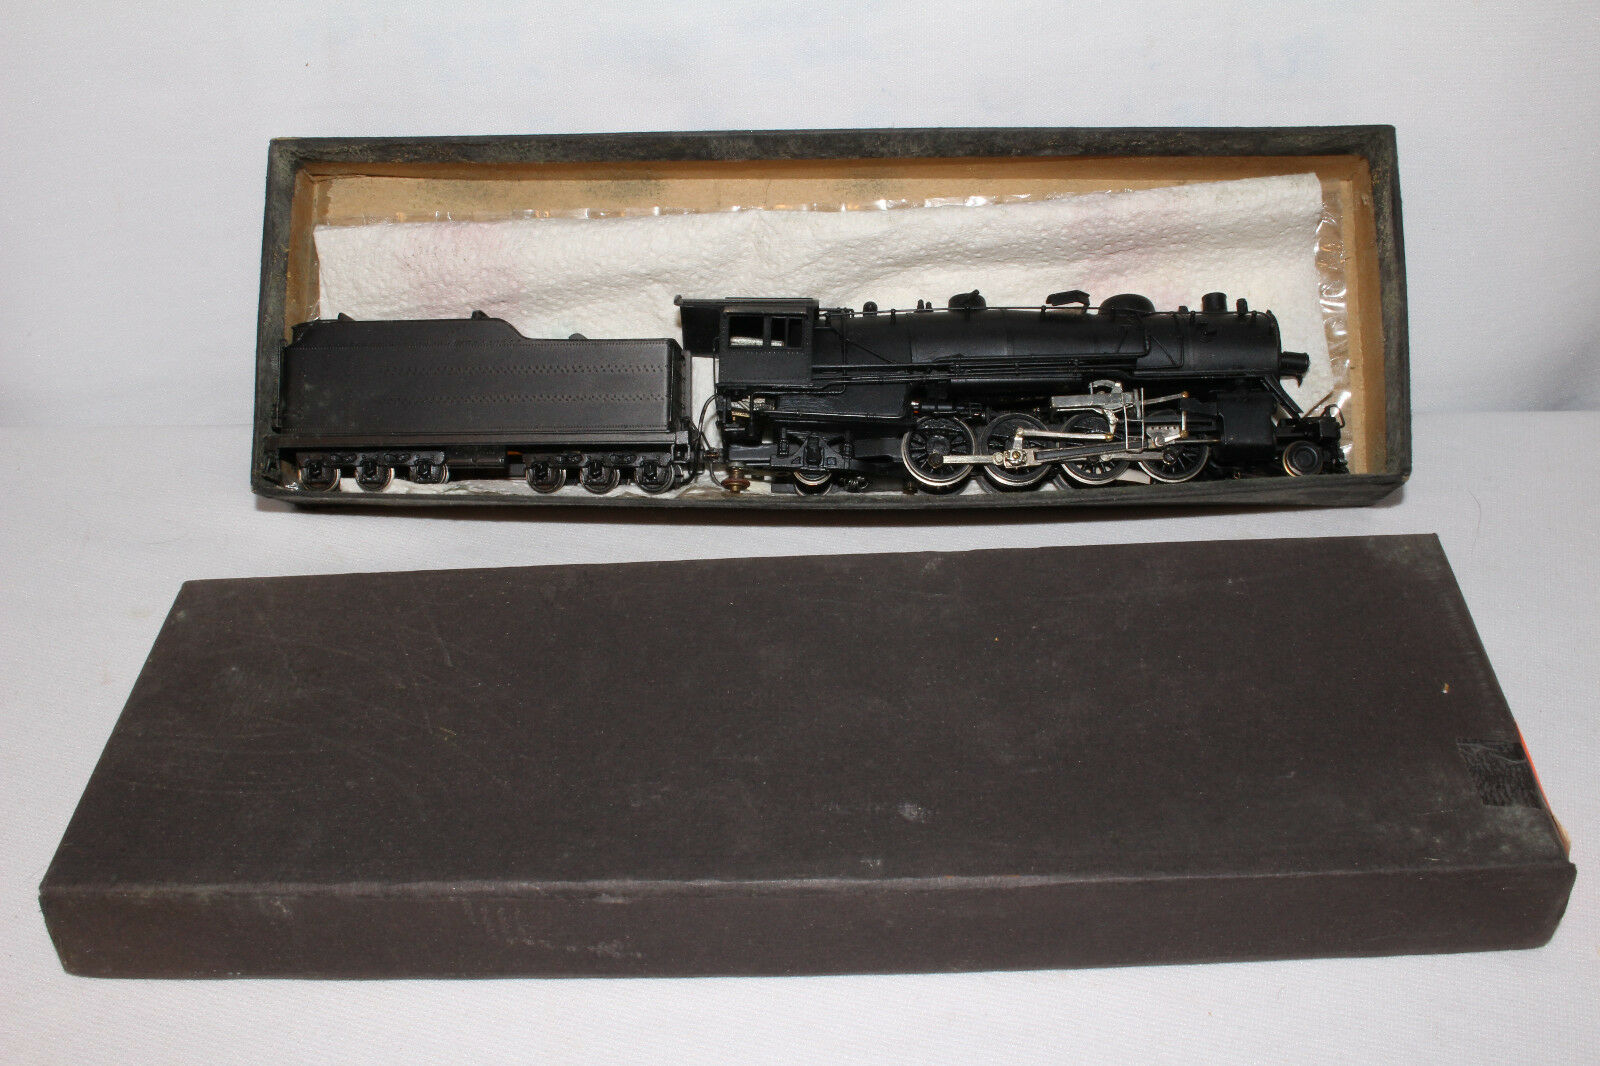 De Bronce Hecho En Japón 2-8-2 Locomotora A Vapor Con Tender, Bonita Original